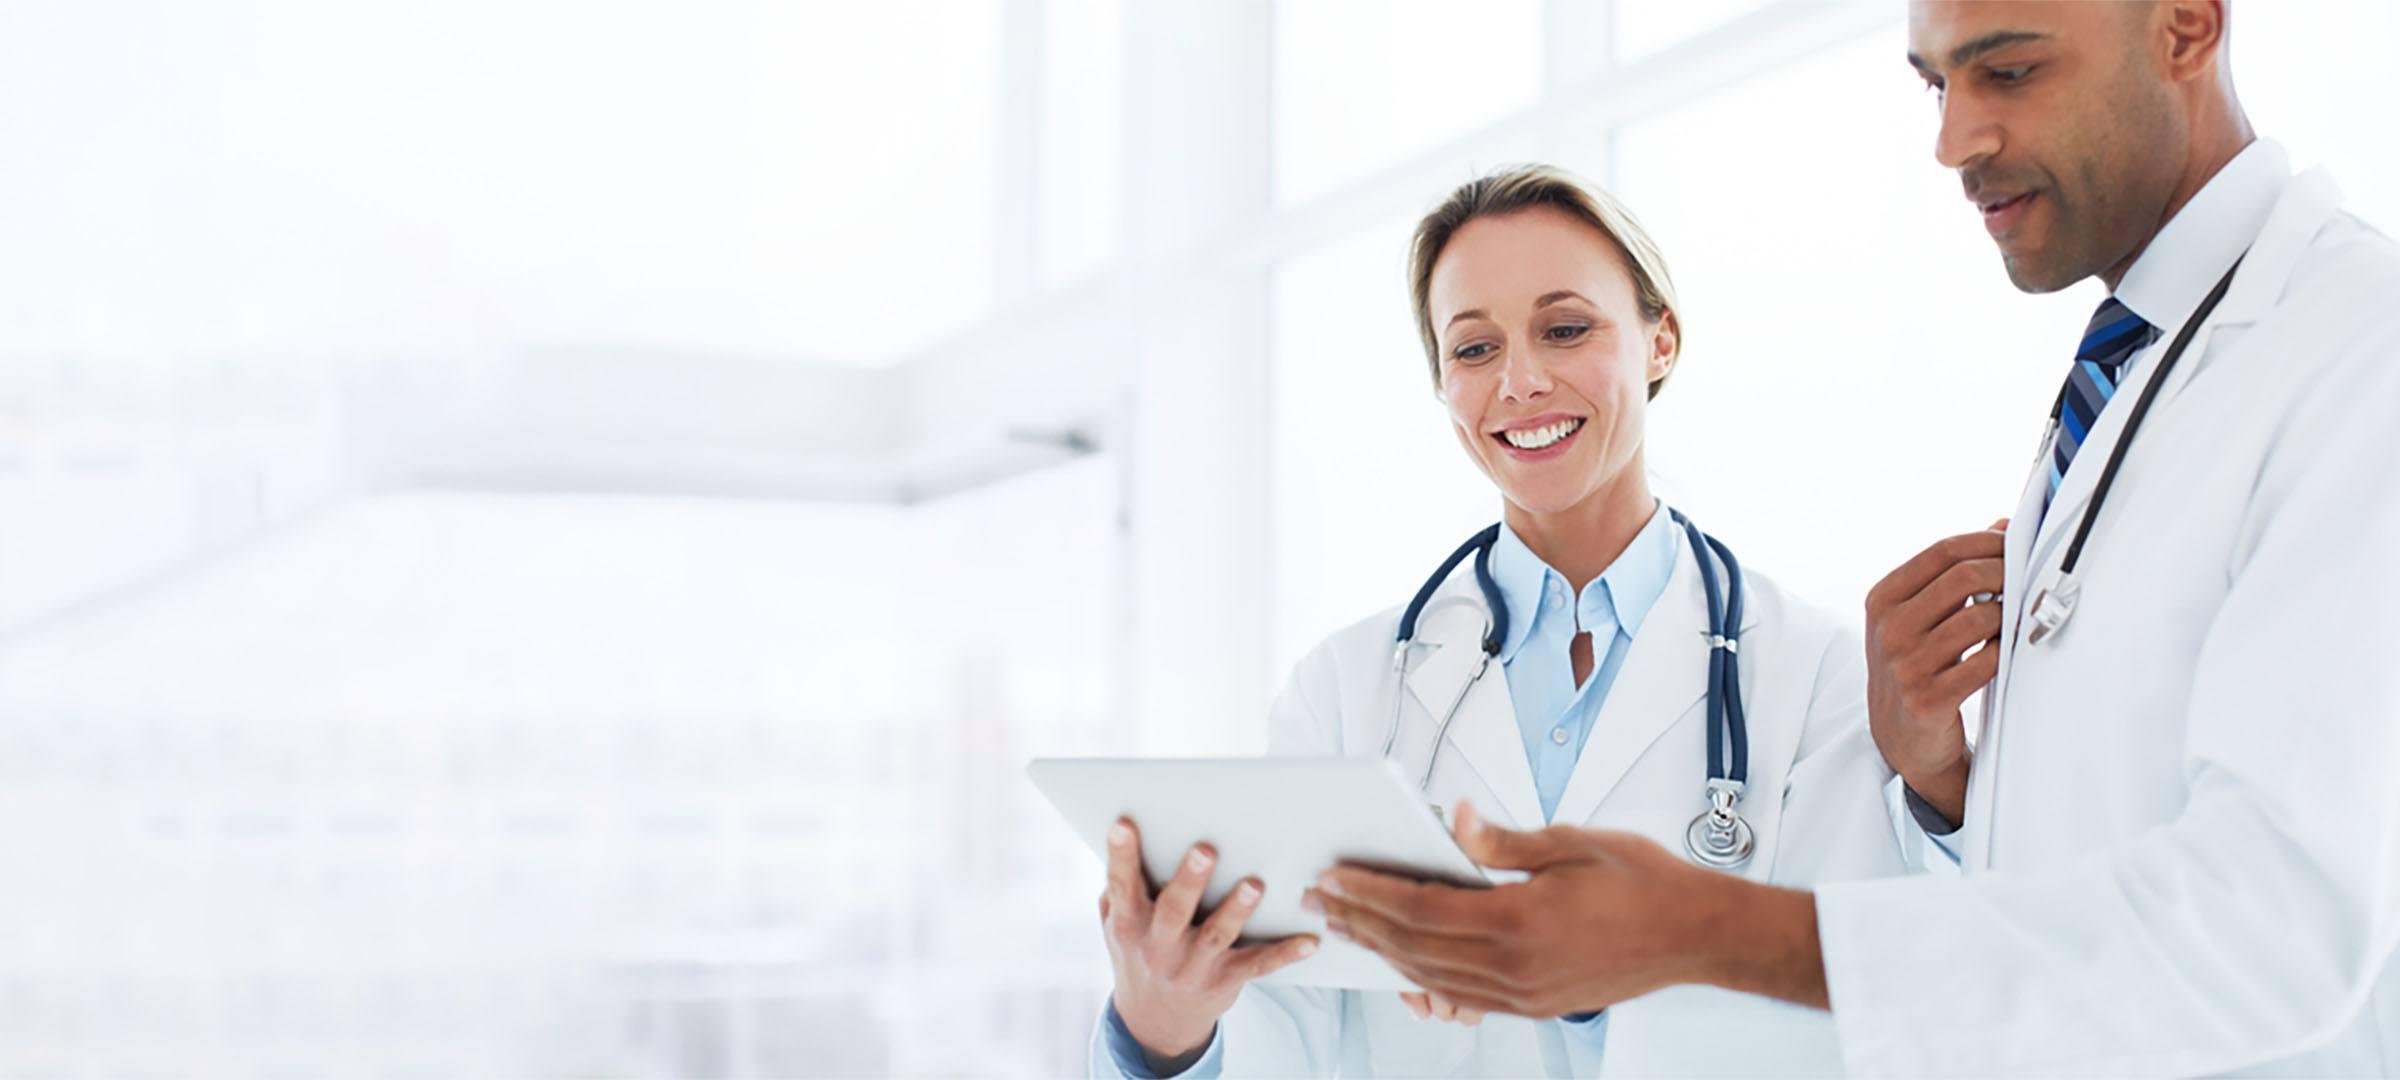 Zwei Ärzte arbeiten in ihrer Berufsausübungsgemeinschaft.